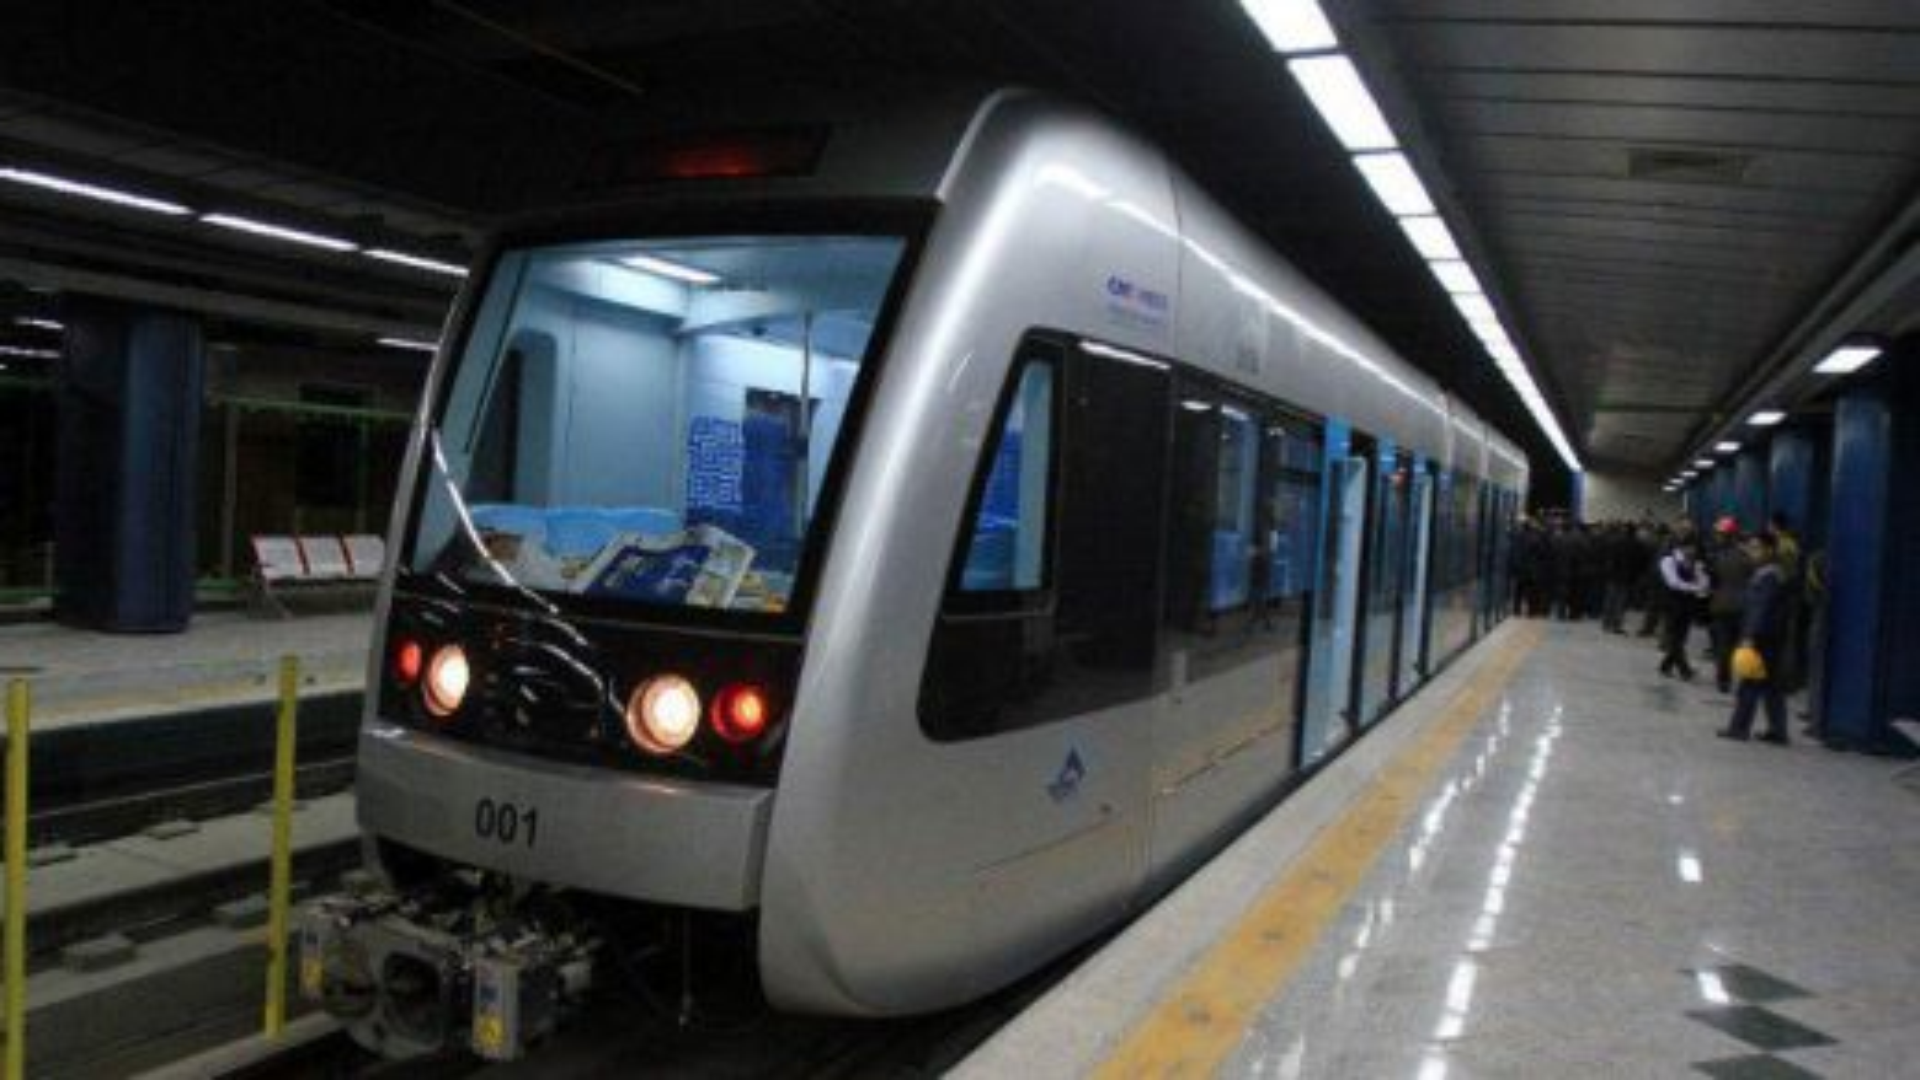 خودکشی در مترو   تگ